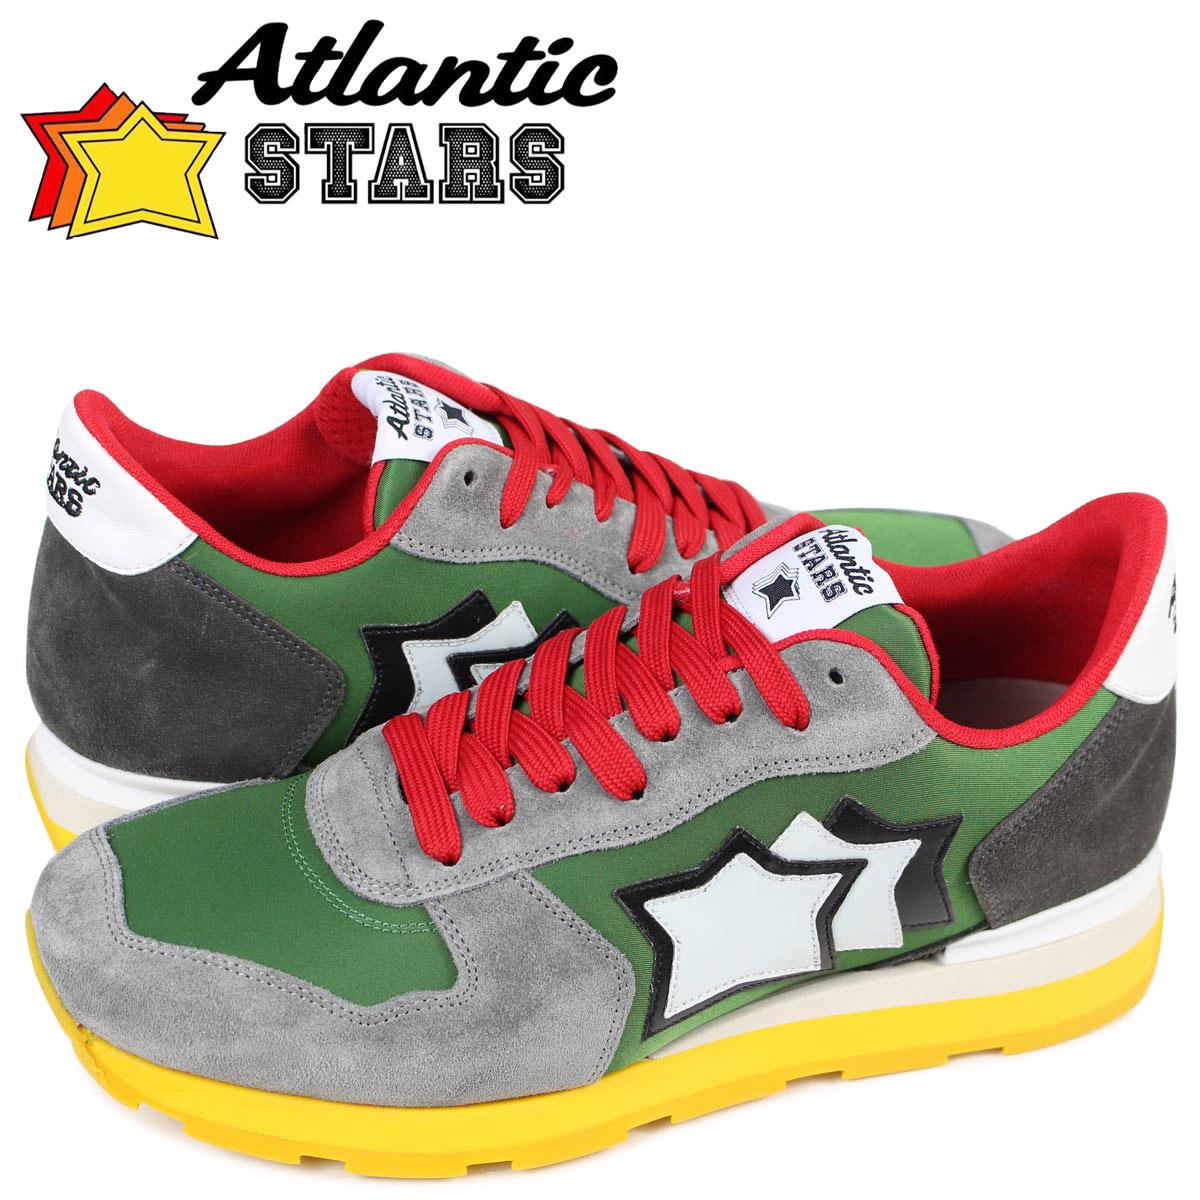 全品送料0円 アトランティックスターズ スニーカー メンズ スニーカー Atlantic STARS ANTARES アンタレス CPV-66B ANTARES CPV-66B グリーン, doGARDEN ドゥガーデン:701a5cc3 --- paulogalvao.com